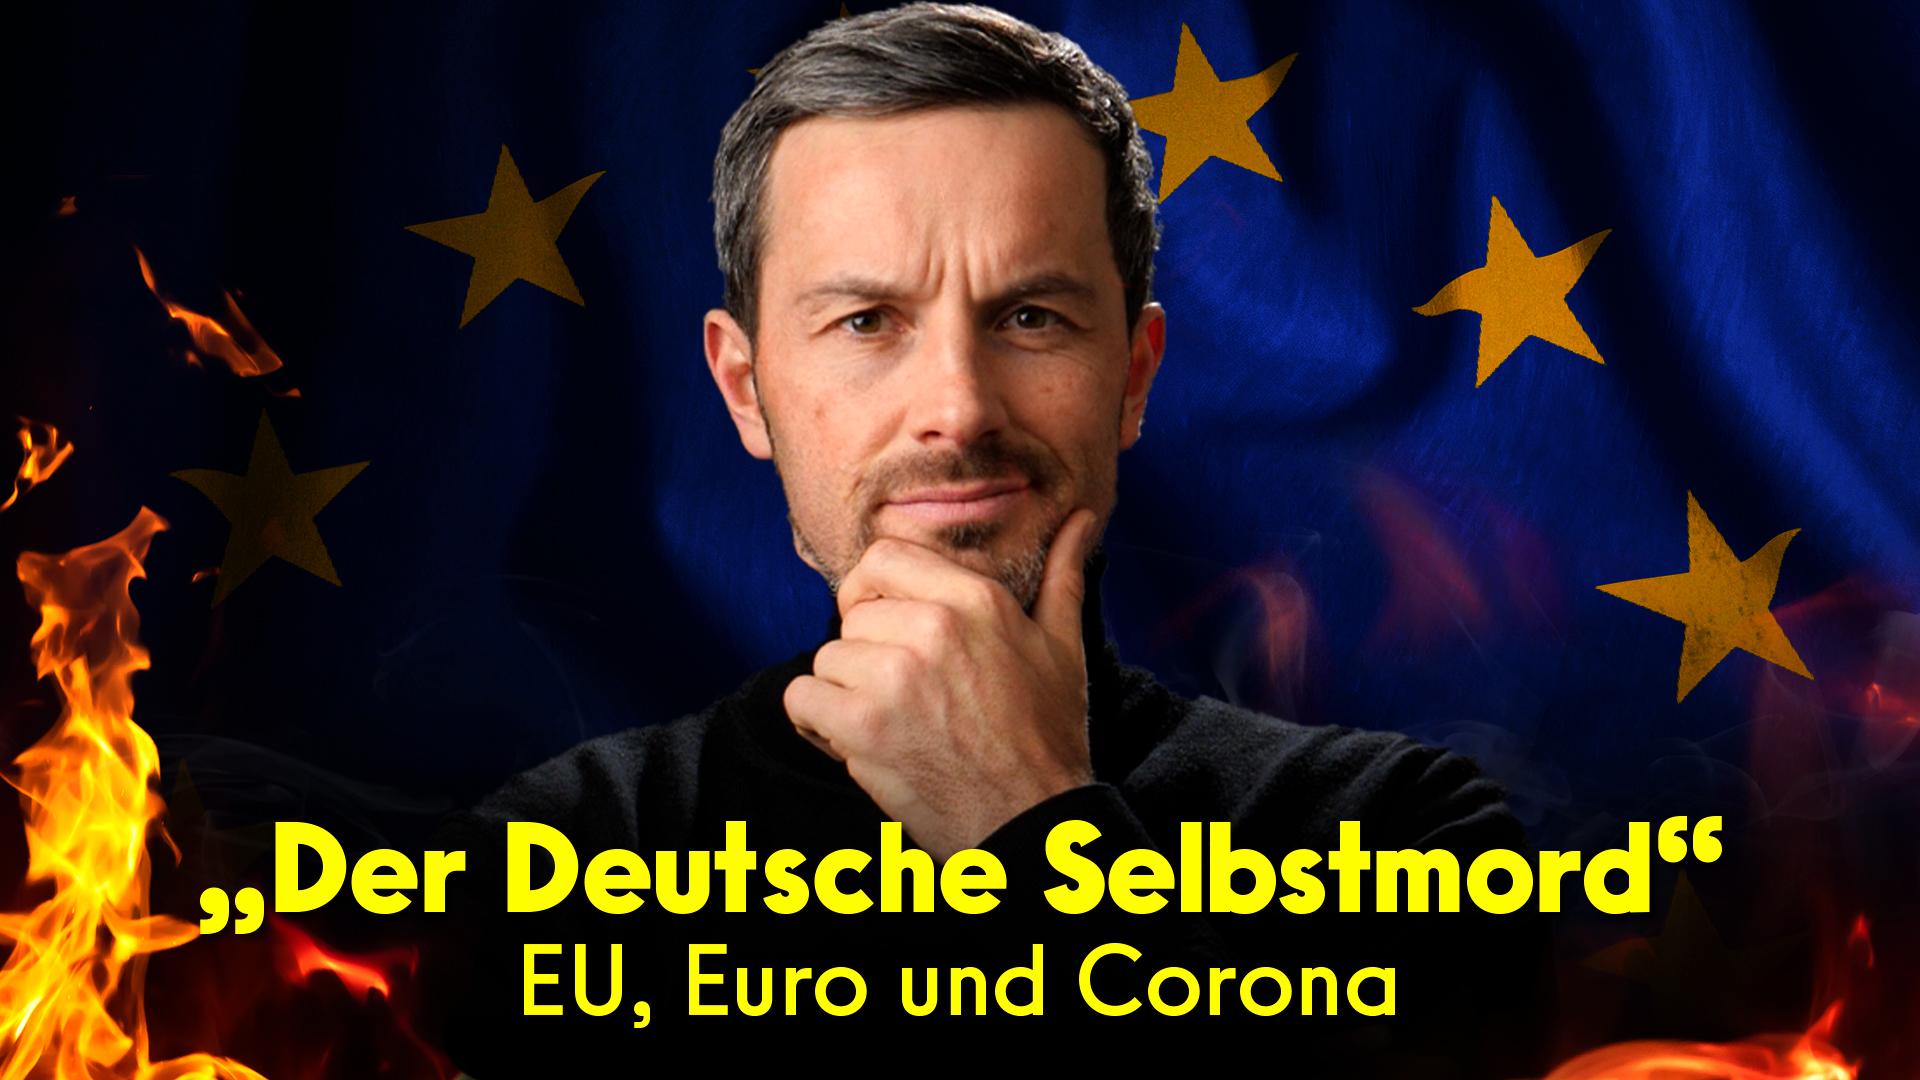 YouTube: Merkel hat Deutschland geschafft - Interview mit Markus C. Kerber